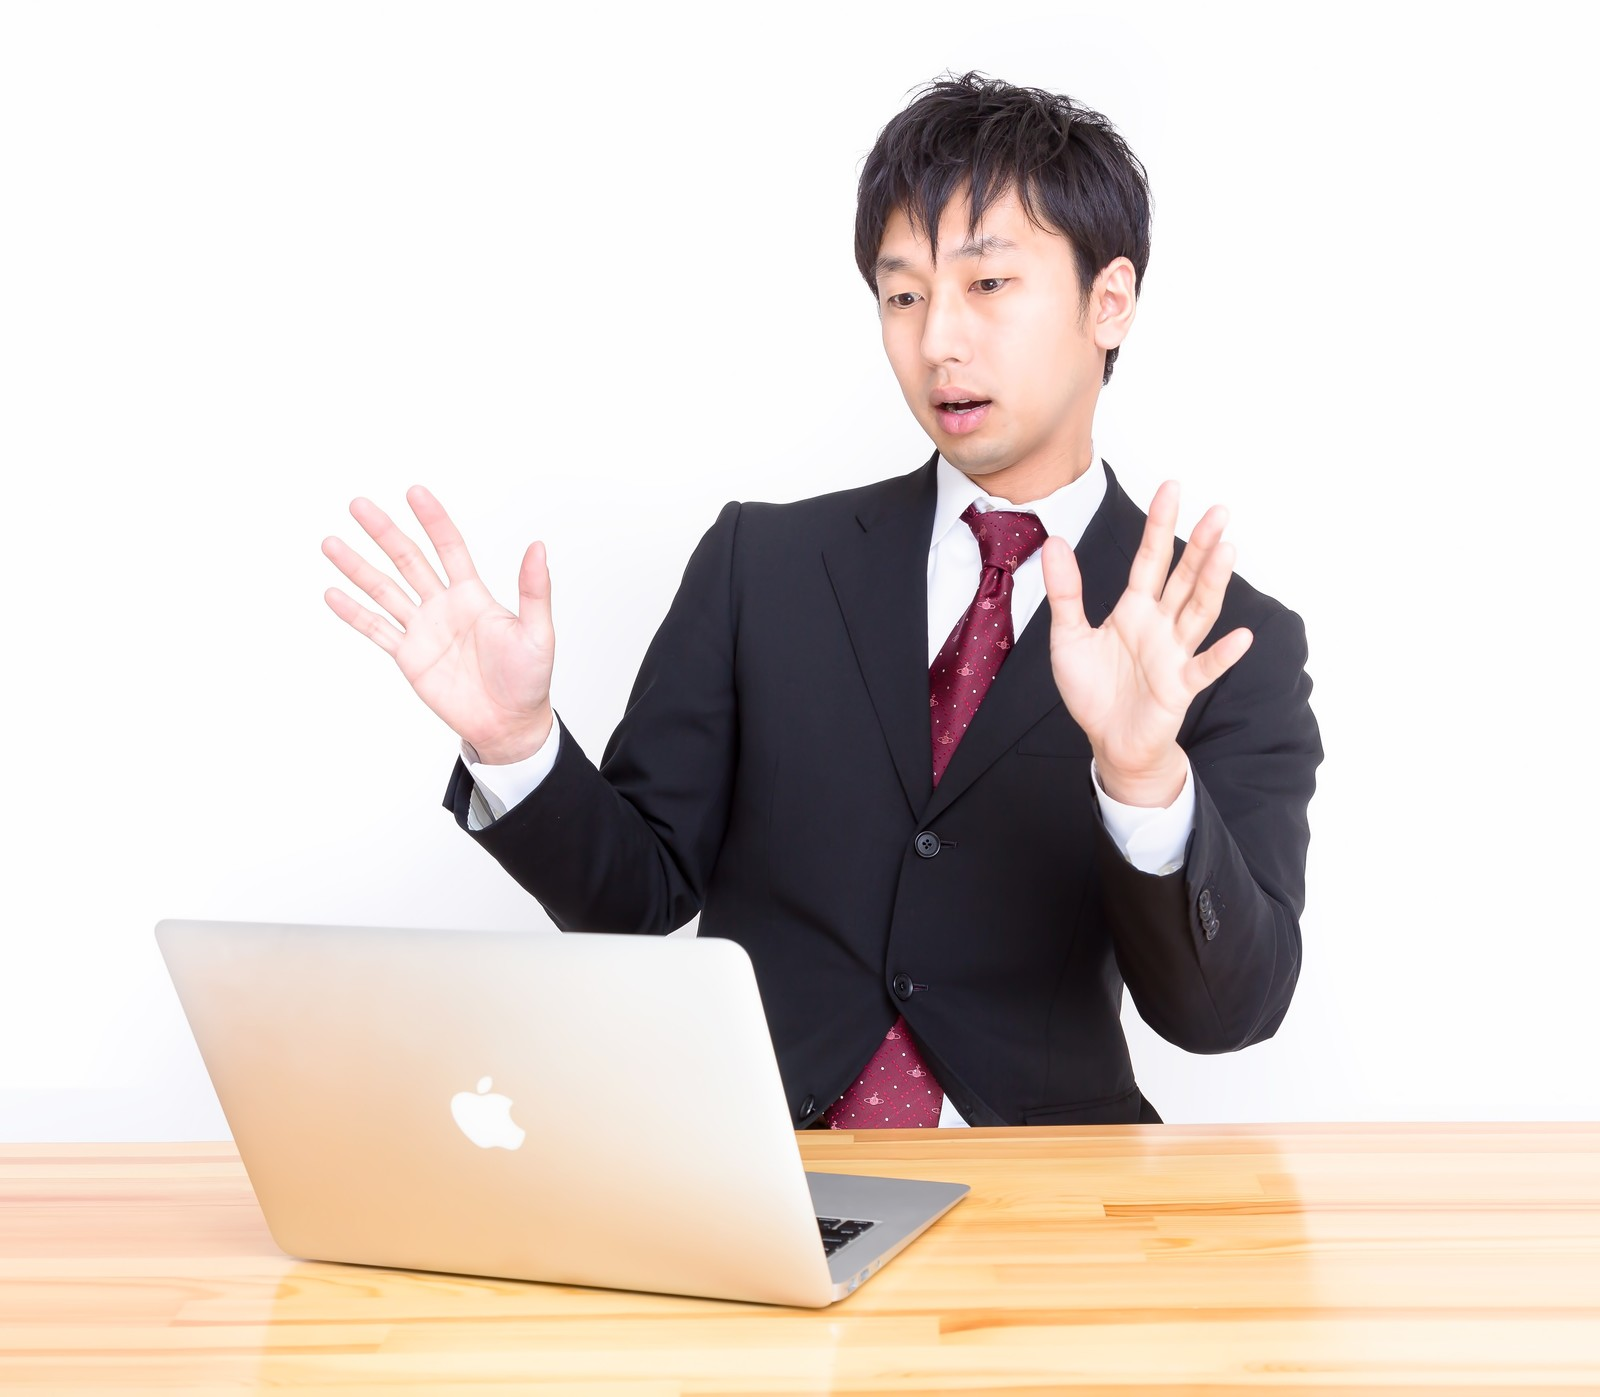 副業は力まないことが一番大事【成功者の煽りコメントは無視する】